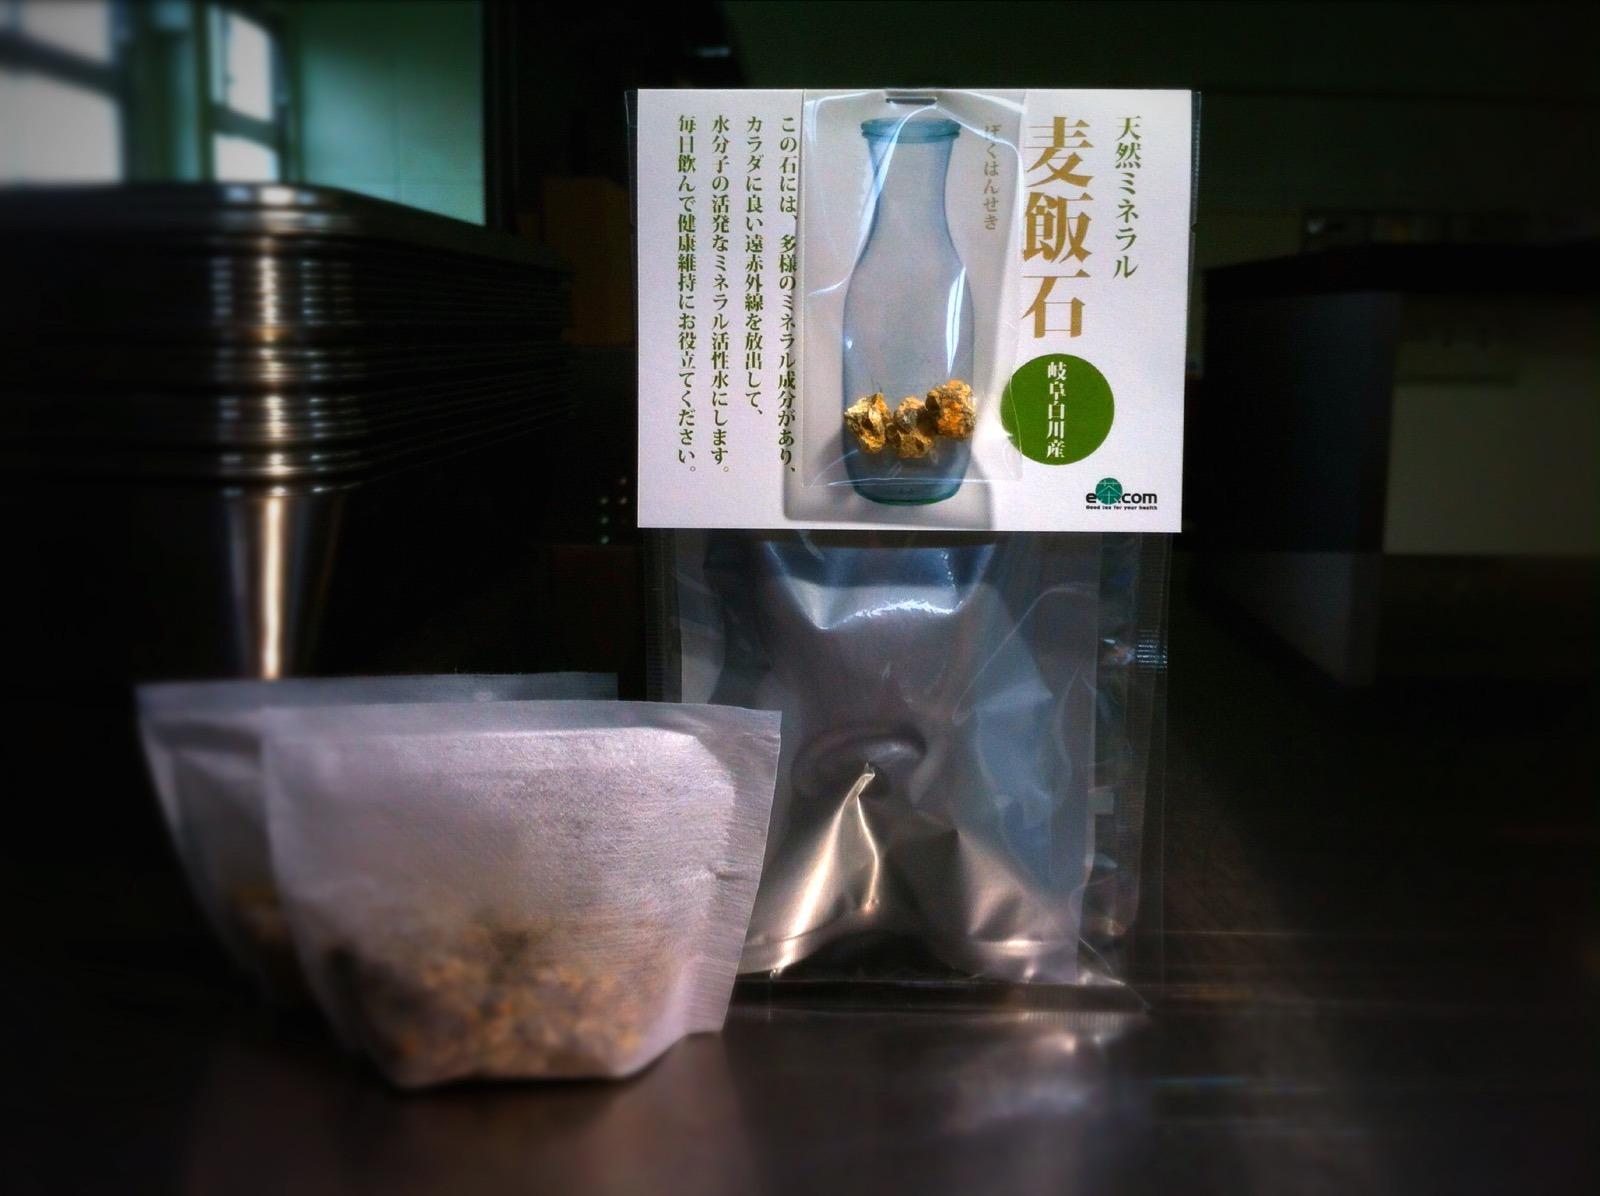 天然ミネラル麦飯石